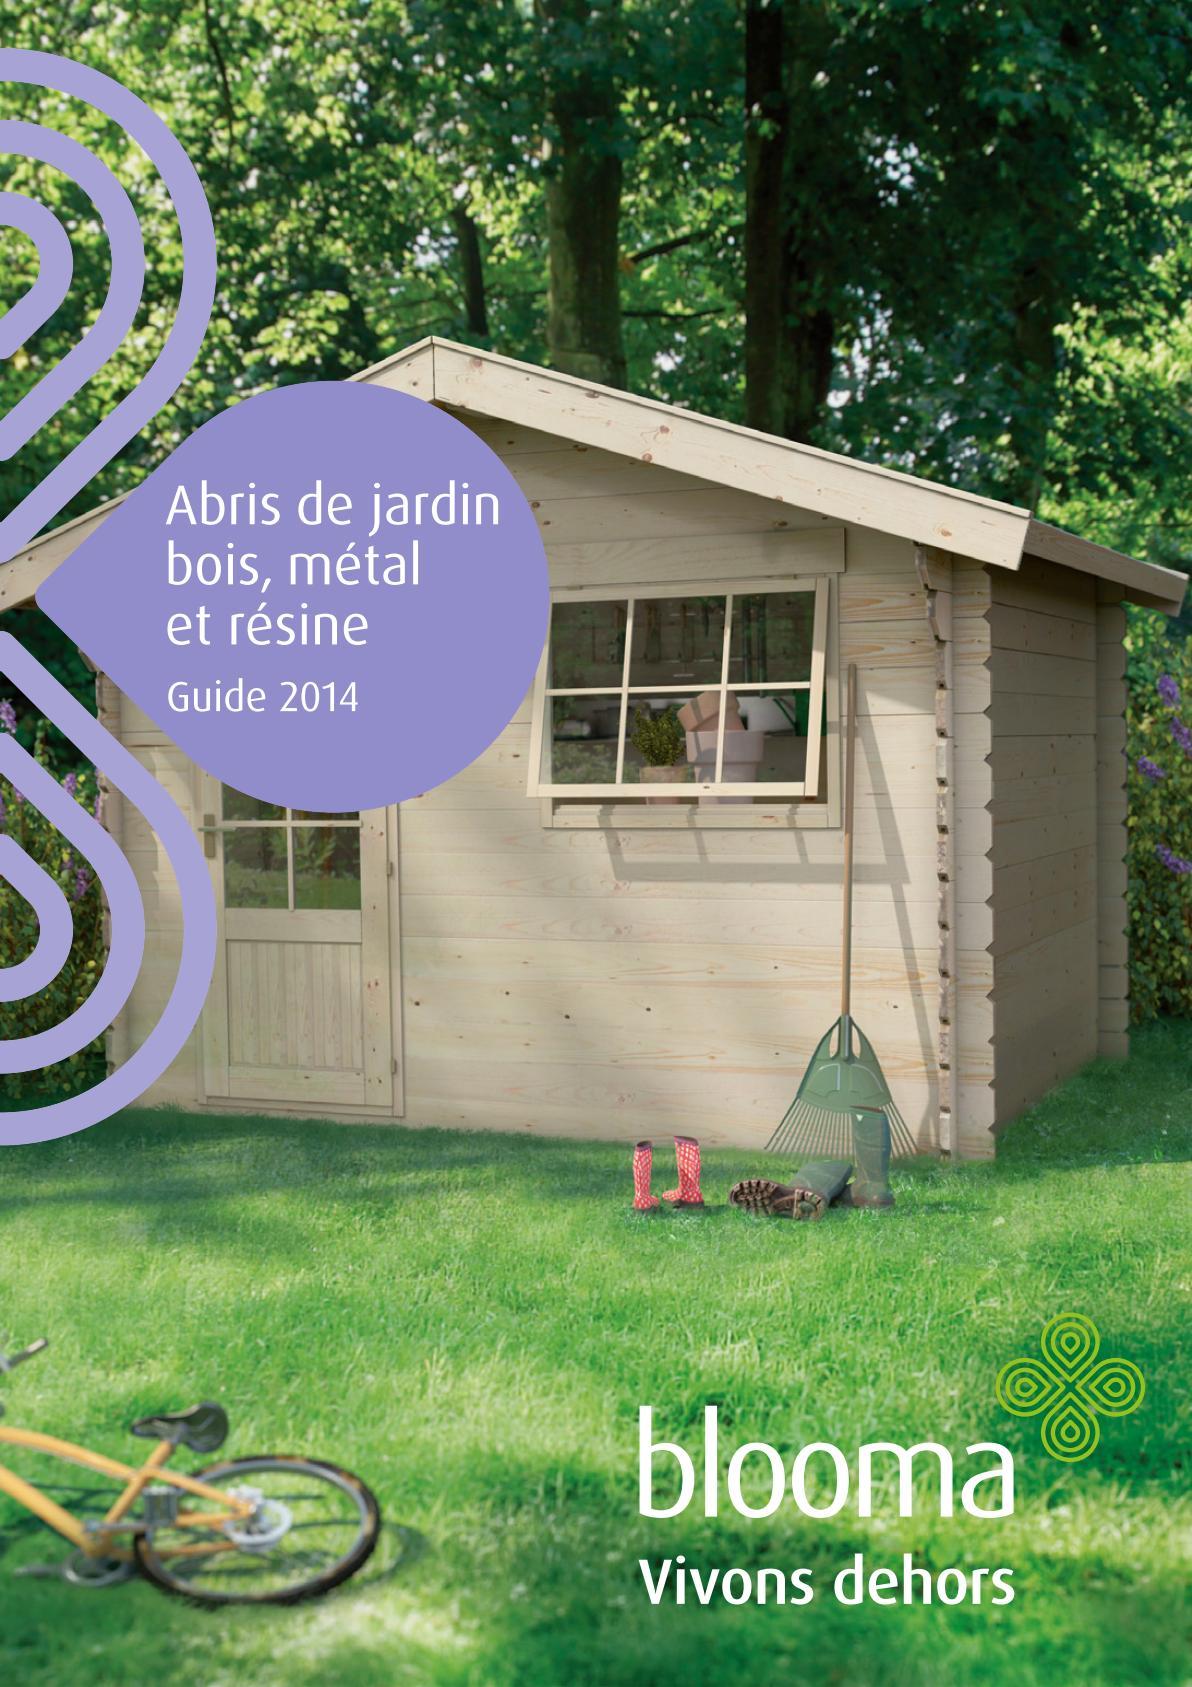 Abris Jardin Bois Castorama Unique Image Cabane De Jardin Castorama Interesting Abri De Jardin En Bois